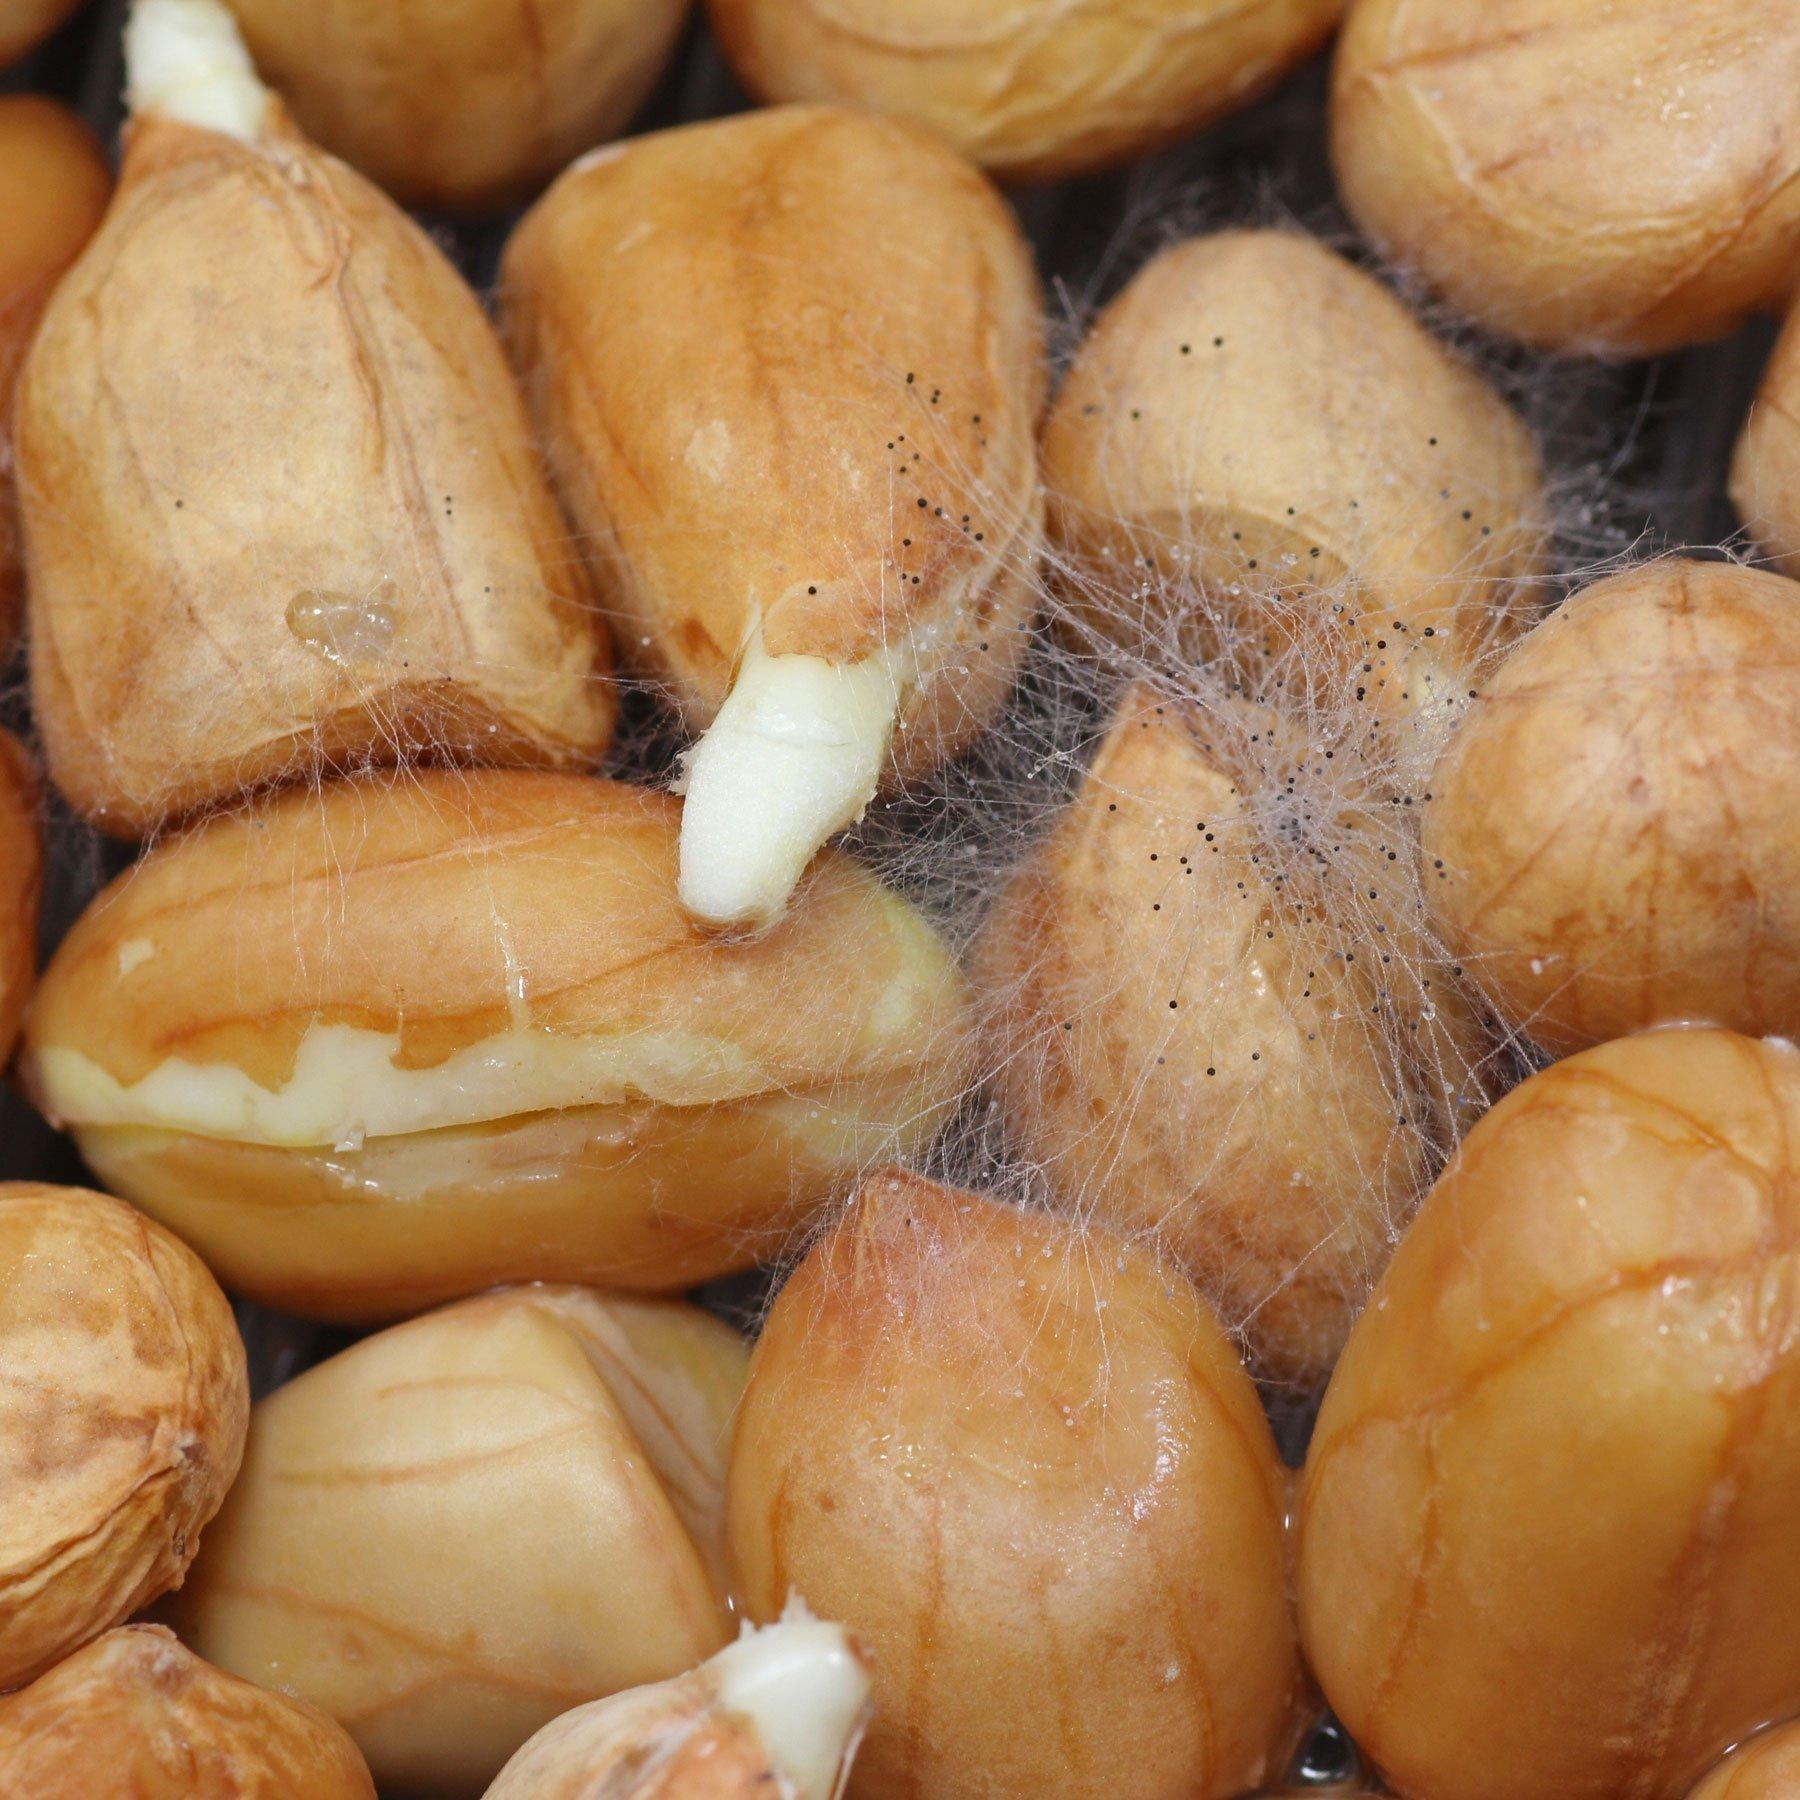 Erdnuss Keimlinge mit Schimmel